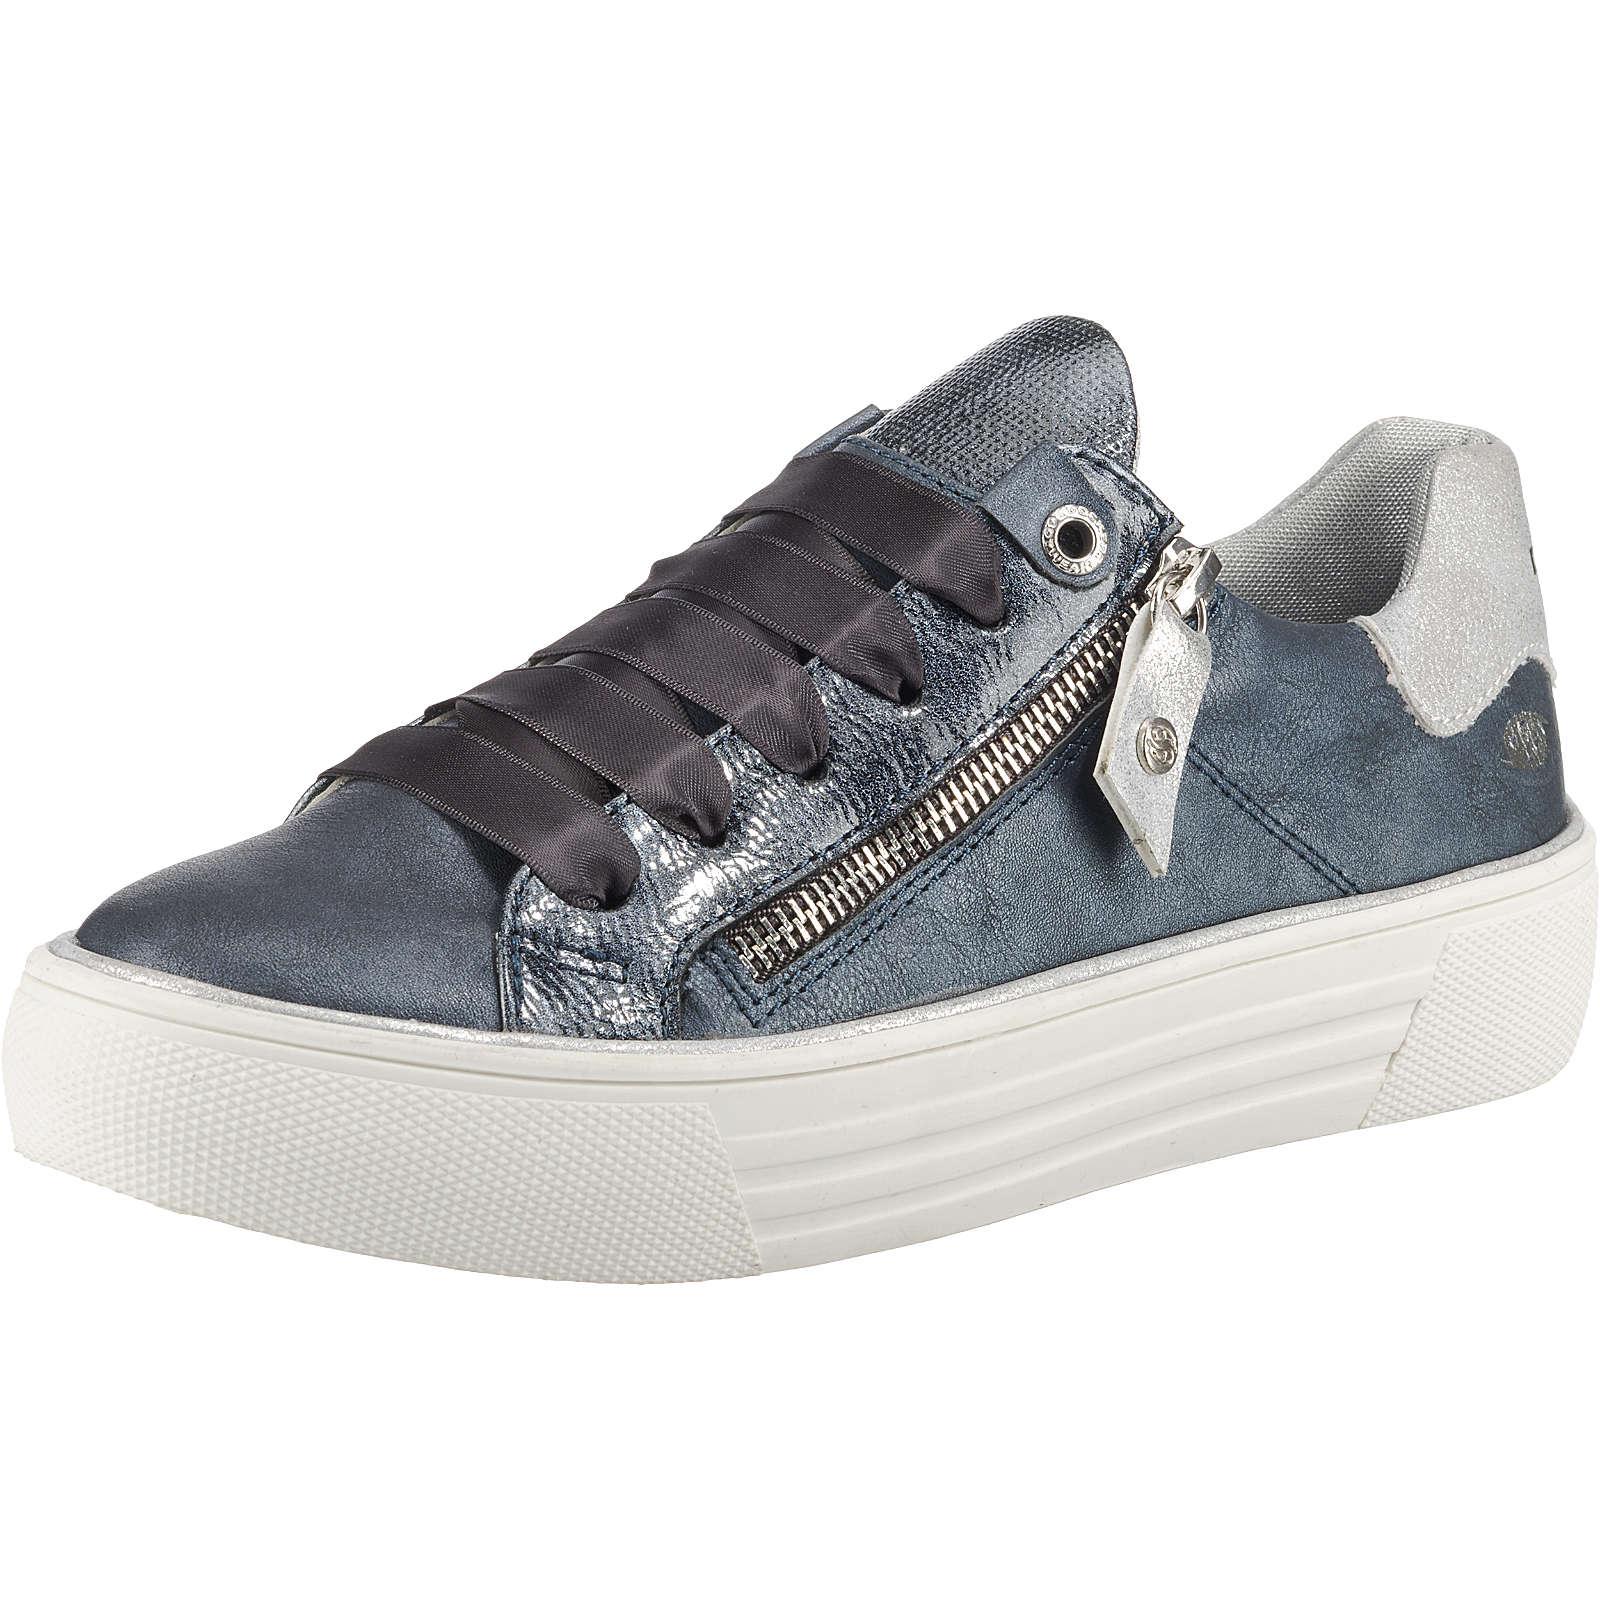 Dockers by Gerli Sneakers Low dunkelblau Damen Gr. 41